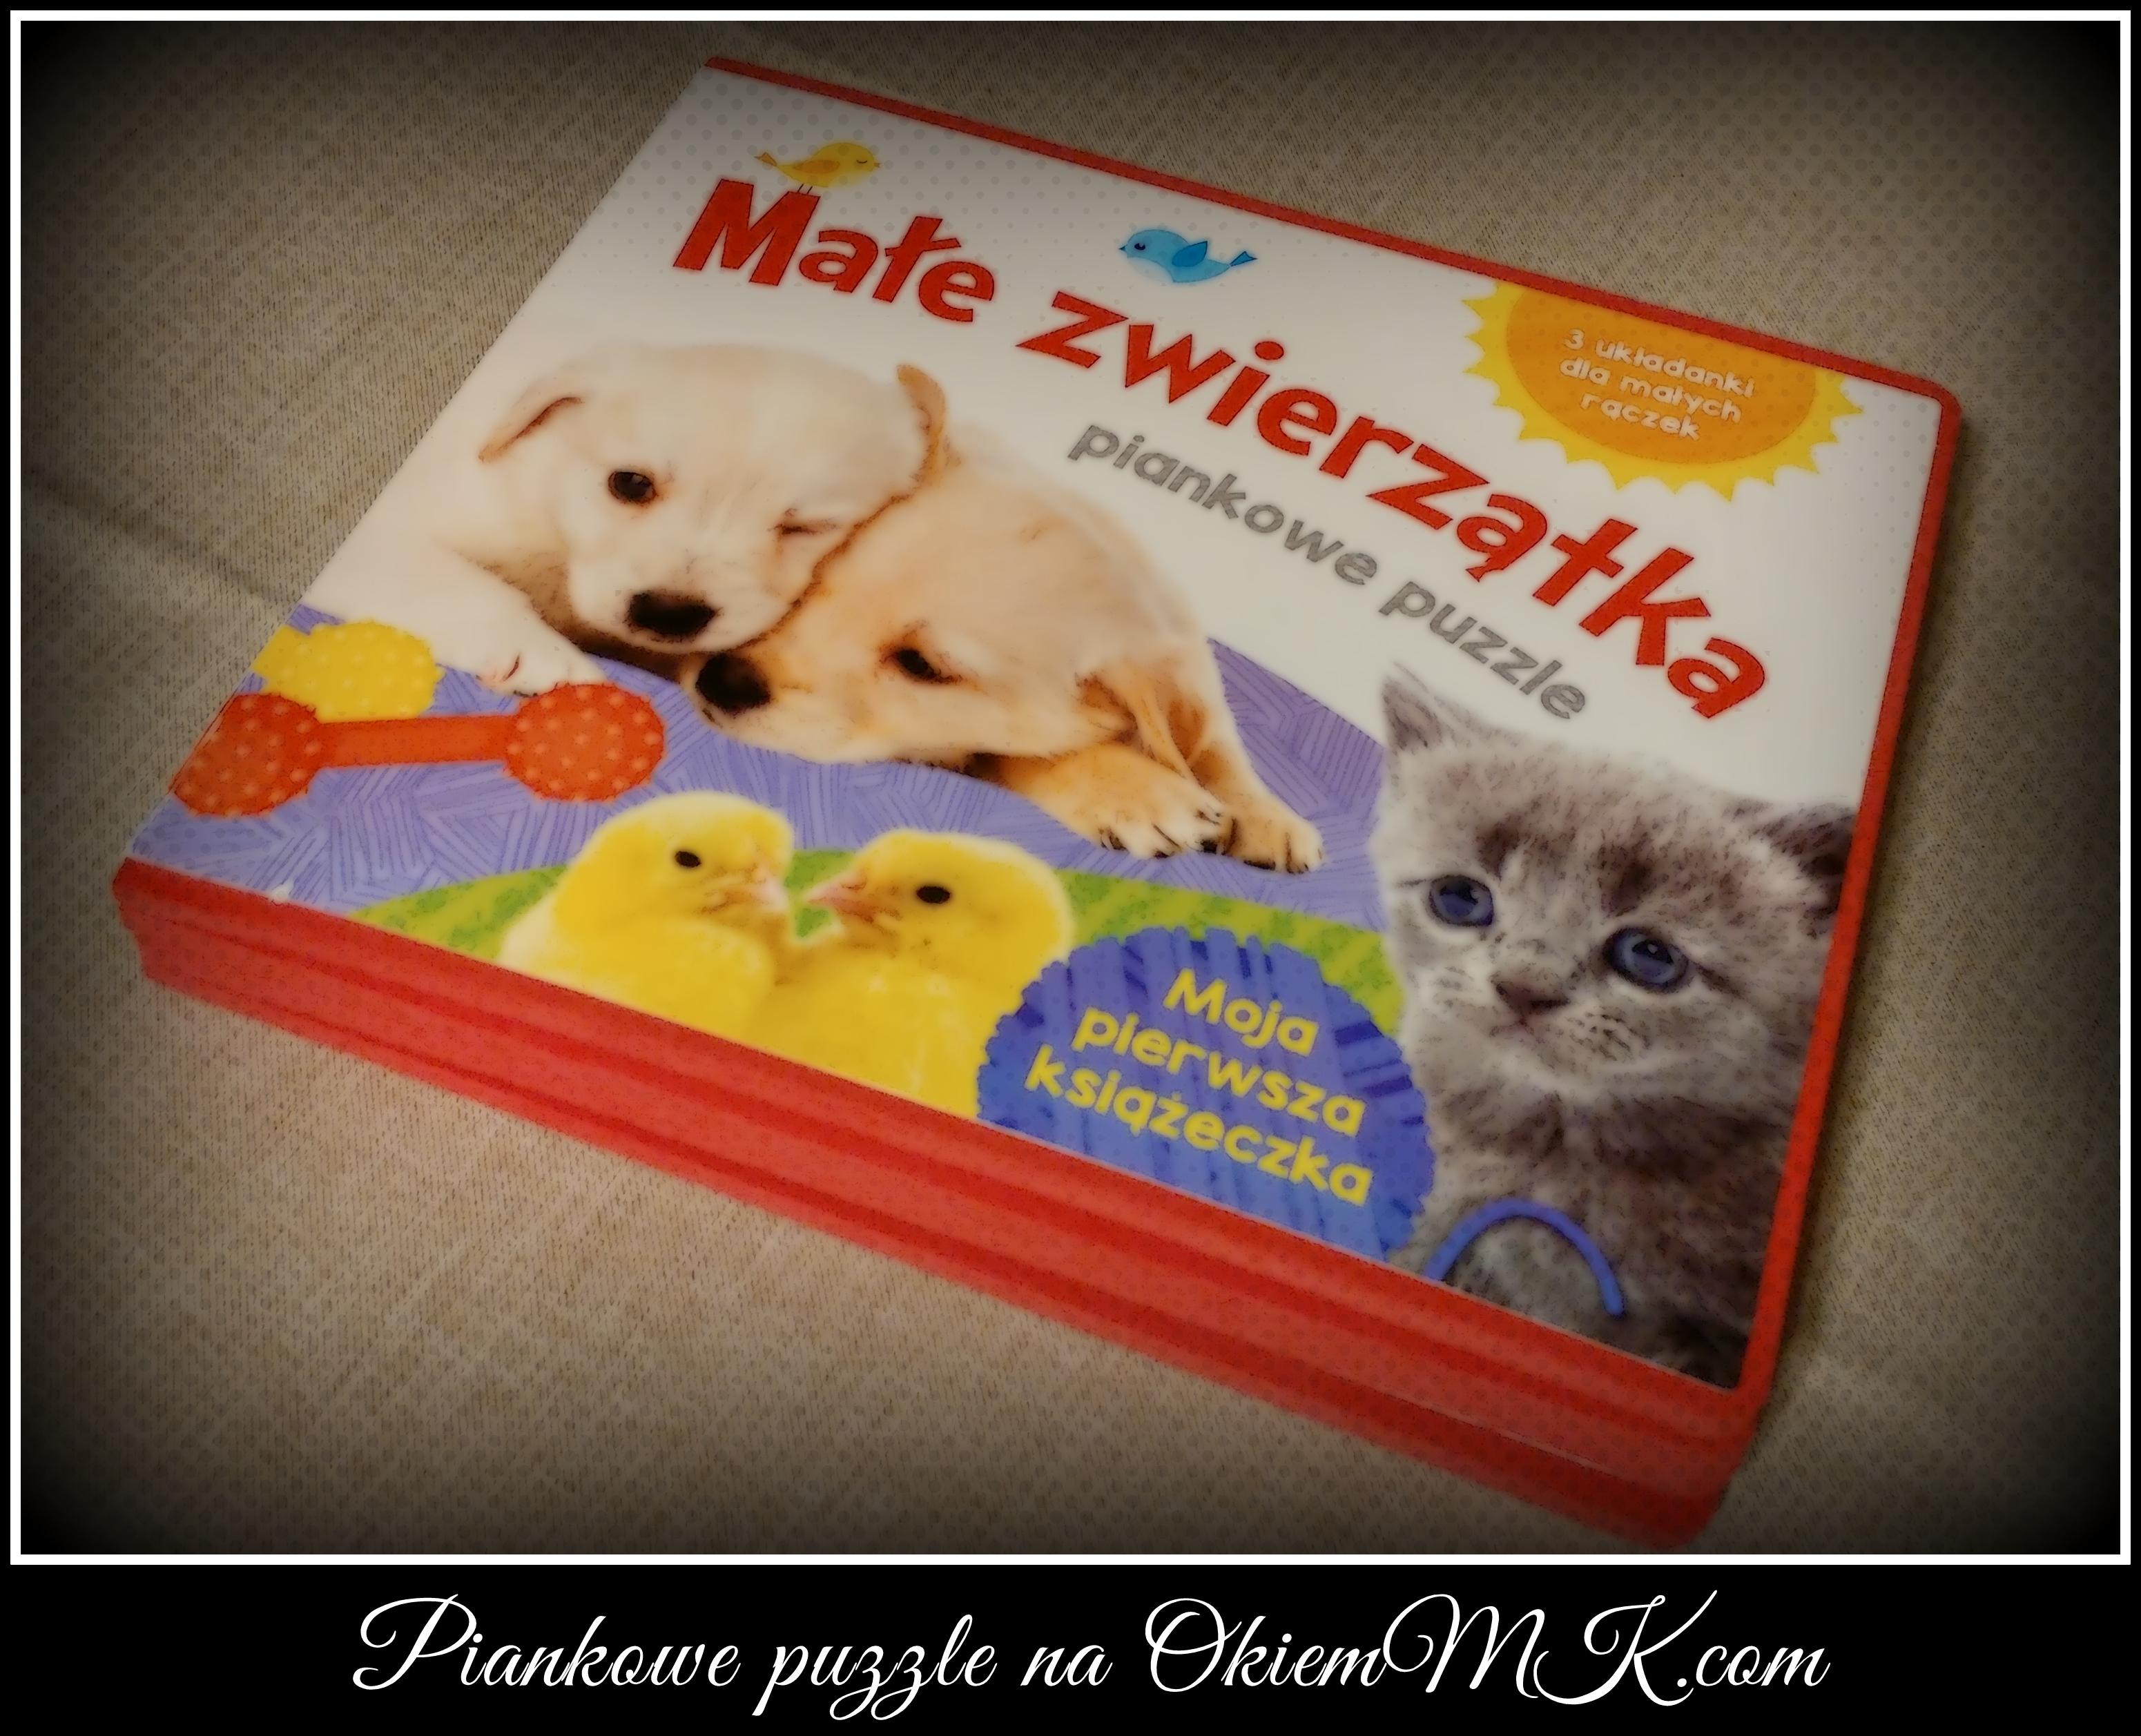 pierwsza-ksiazeczka-i-pierwsze-piankowe-puzzle-czyli-male-zwierzatka-3-ukladanki-dla-malych-raczek